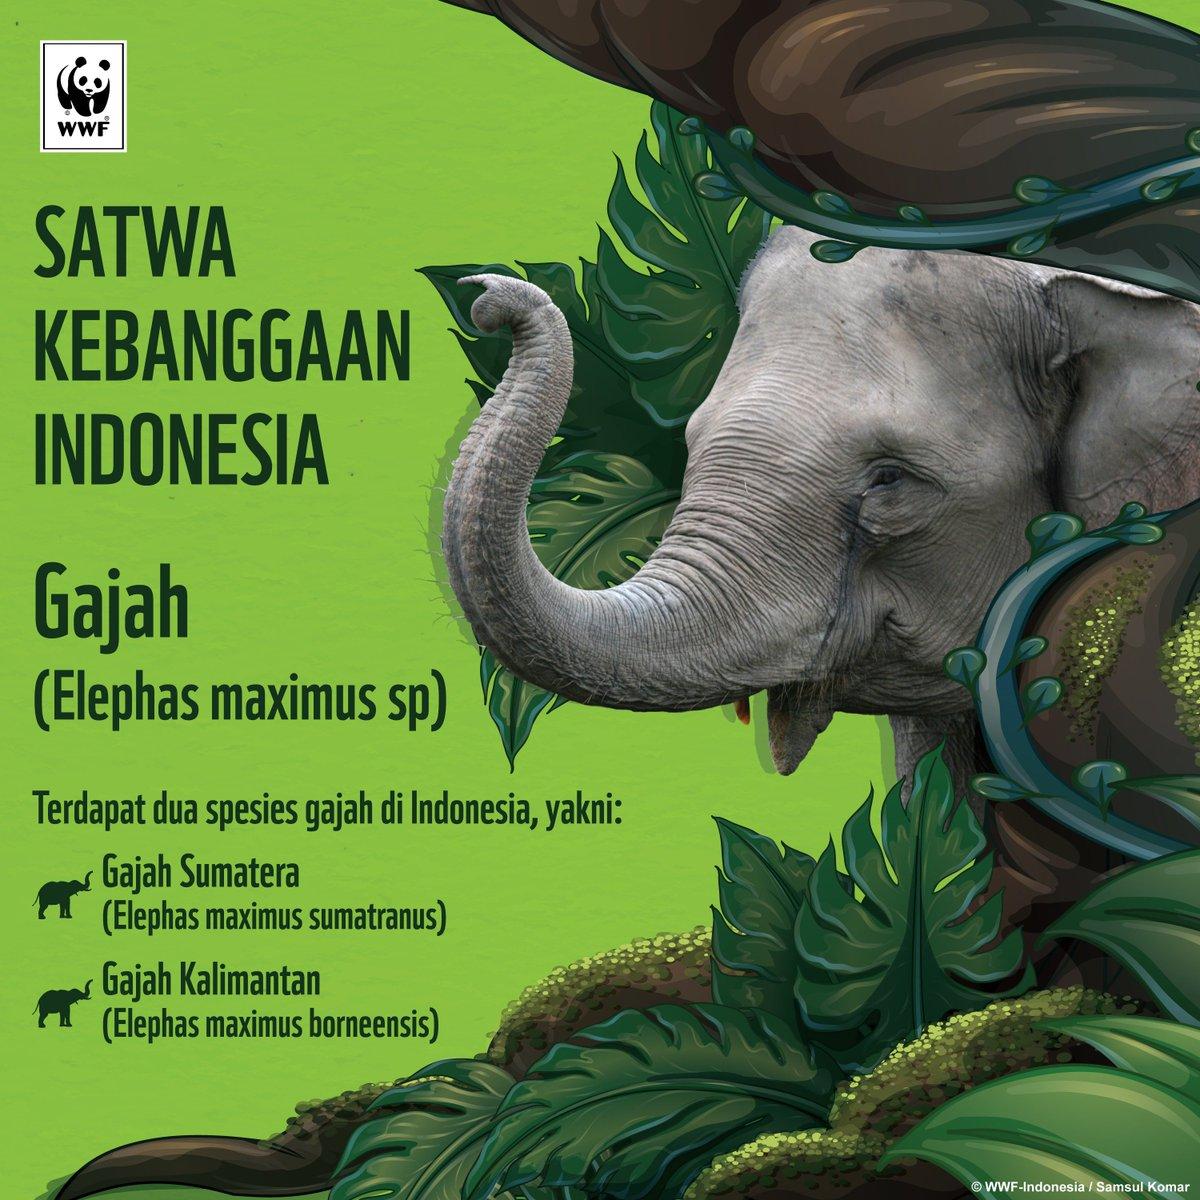 Wwf Indonesia على تويتر Sebagai Satwa Yang Membutuhkan Ruang